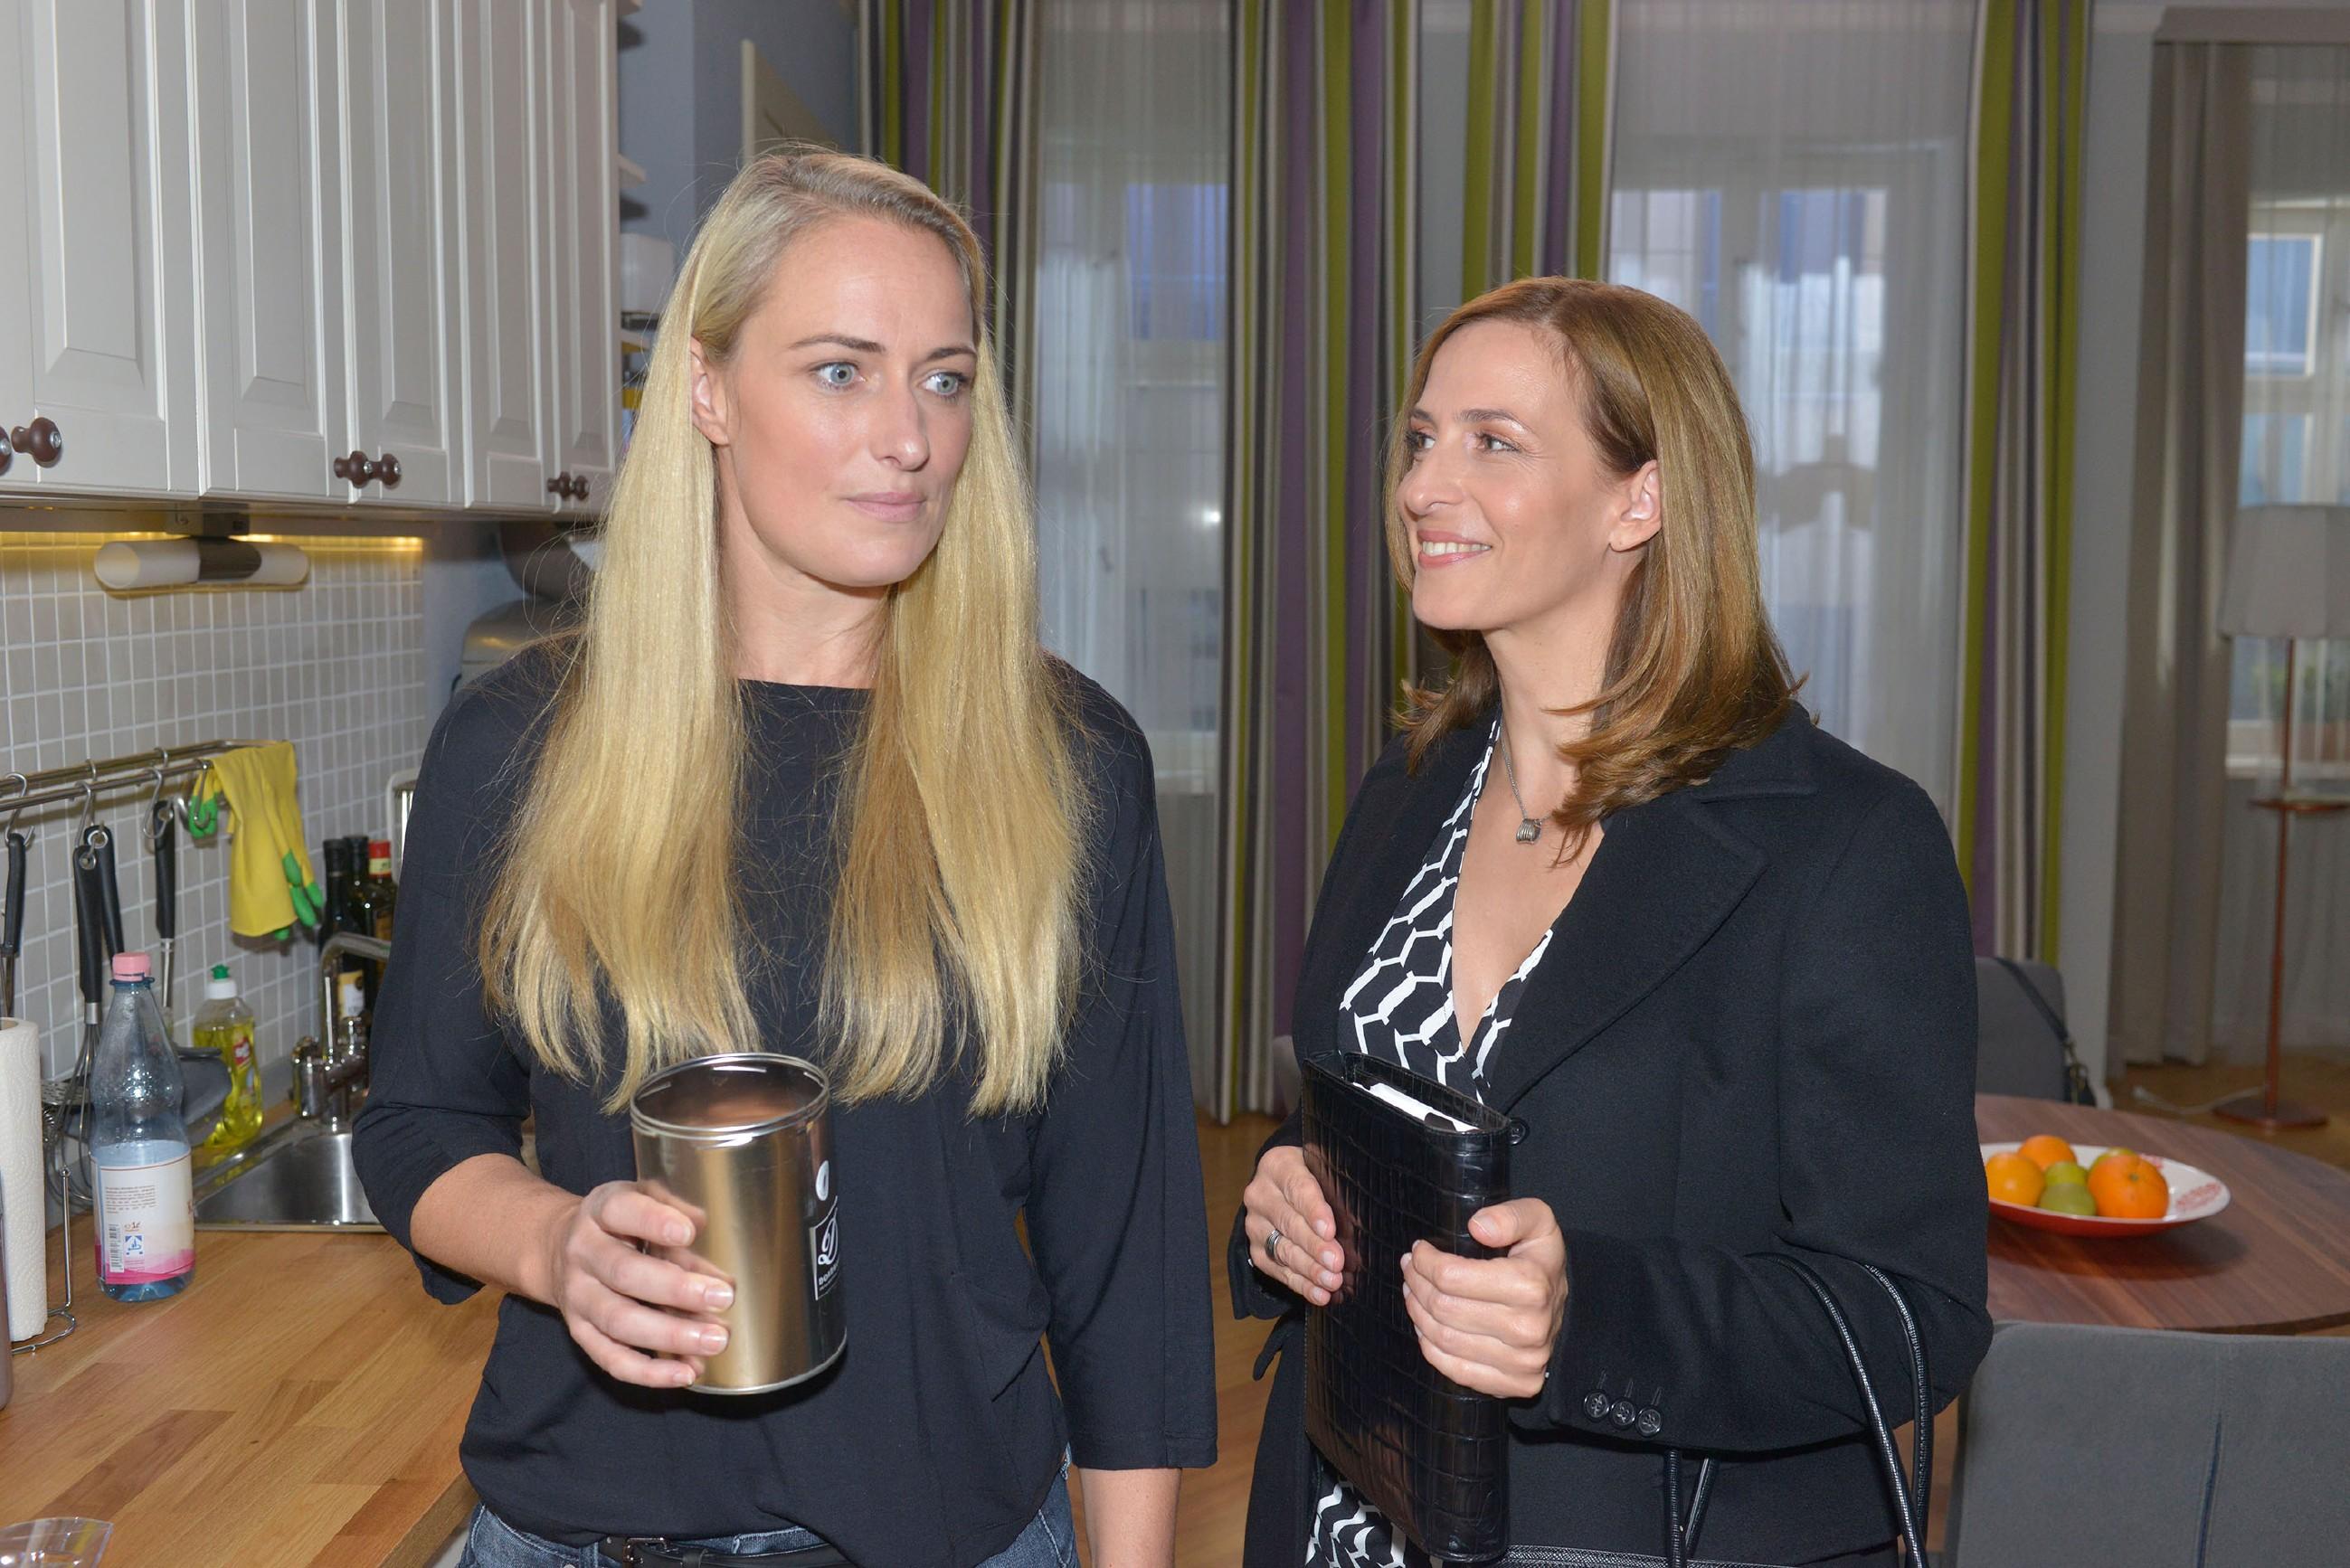 Katrin (Ulrike Frank, r.) glaubt, dass Maren (Eva Mona Rodekirchen) sexuell unterfordert ist. (Quelle: RTL / Rolf Baumgartner)